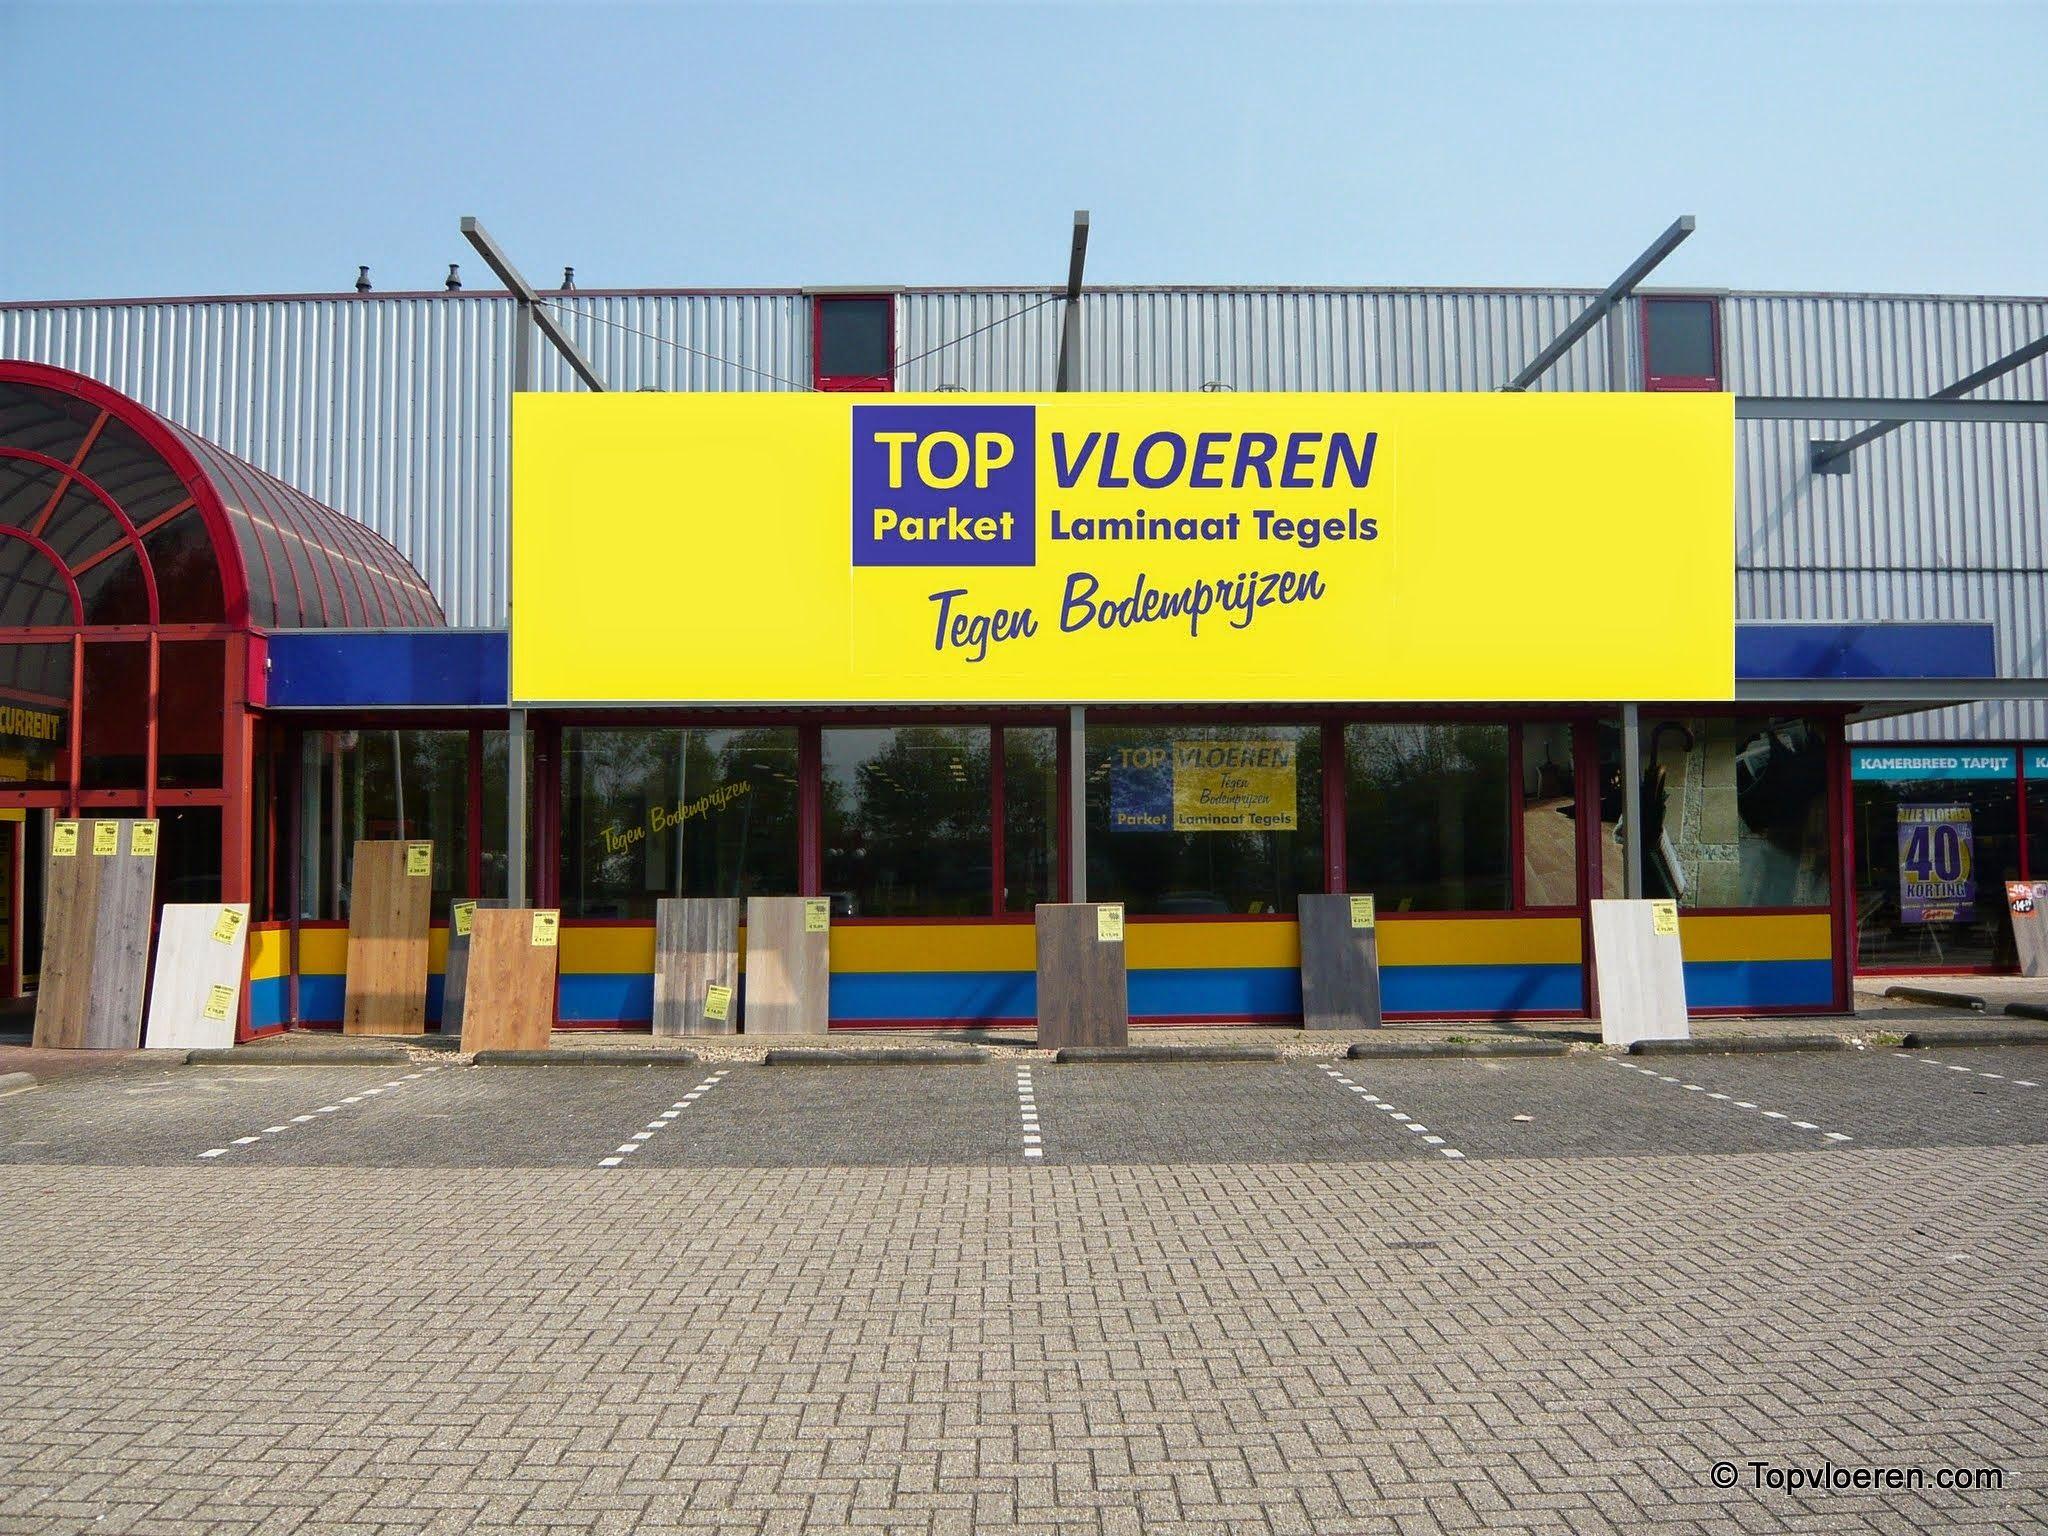 Top Vloeren Waalwijk : 11 beste afbeeldingen van winkel fotos topvloeren